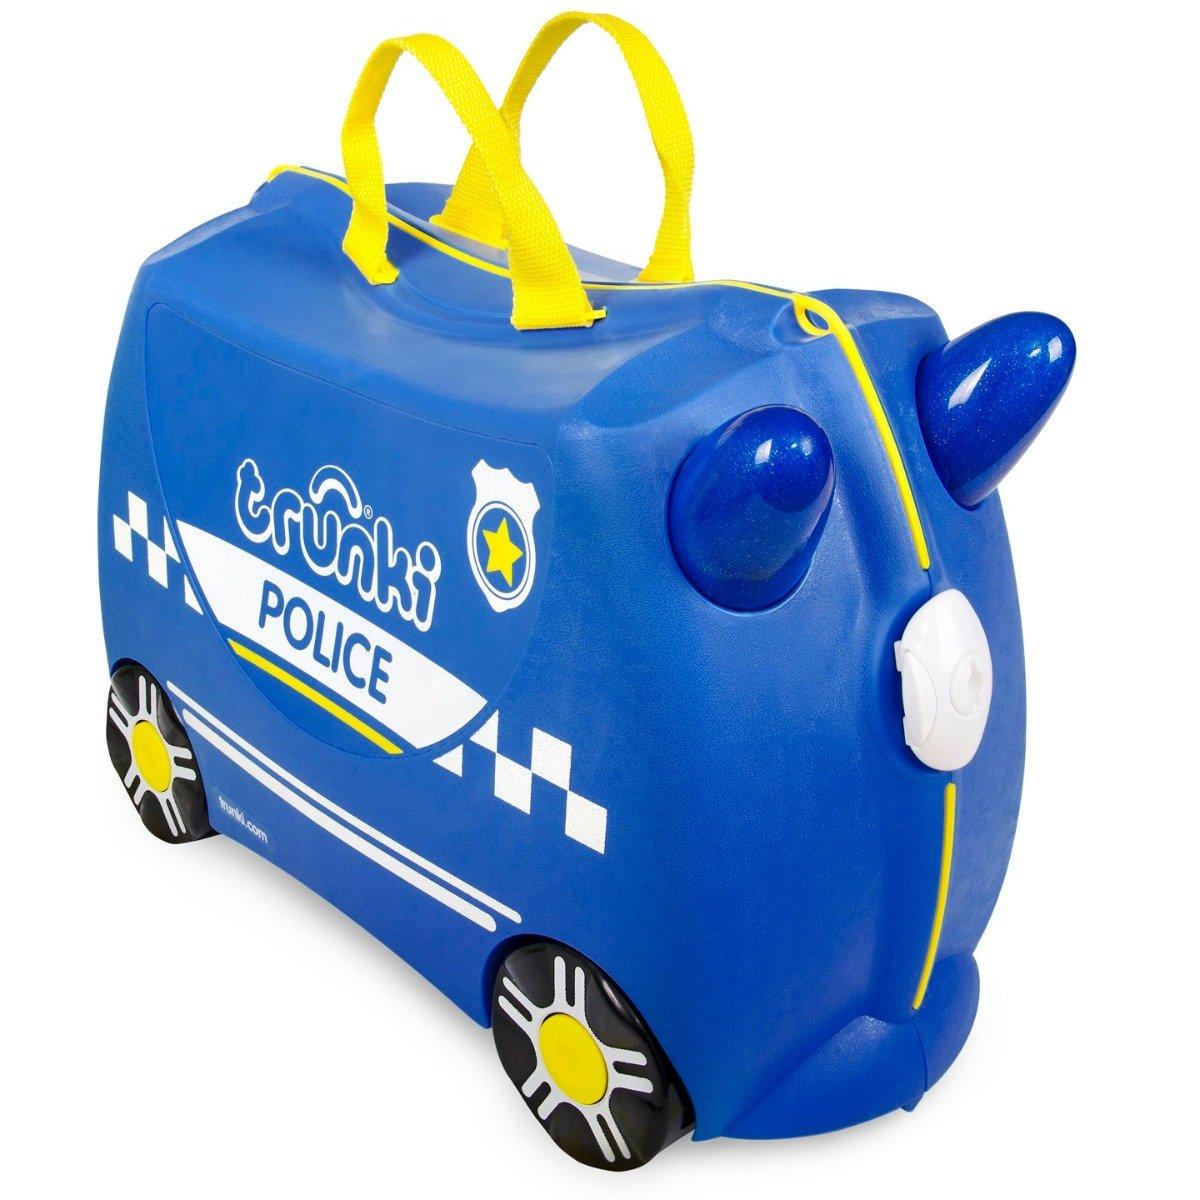 Valiza pentru copii Ride-On Masina de Politie Percy Trunki, Albastru, 46 cm imagine